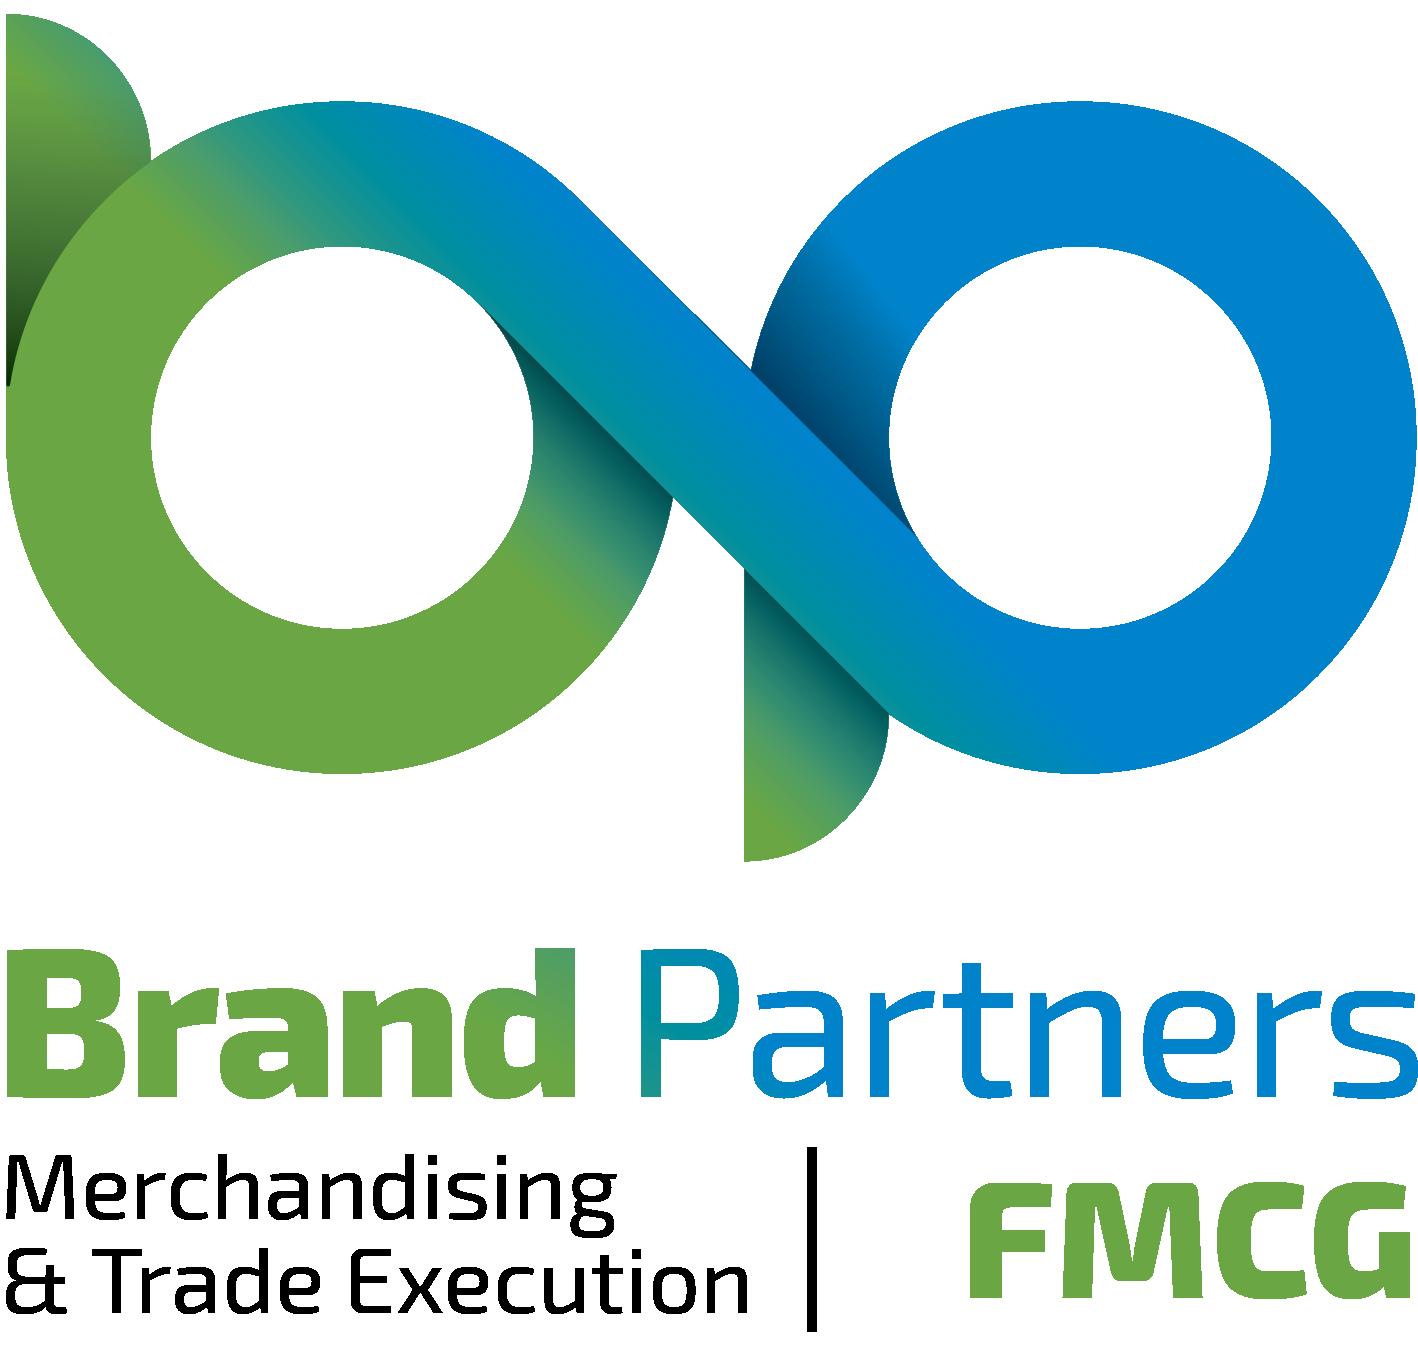 Brand Partners Merchandising